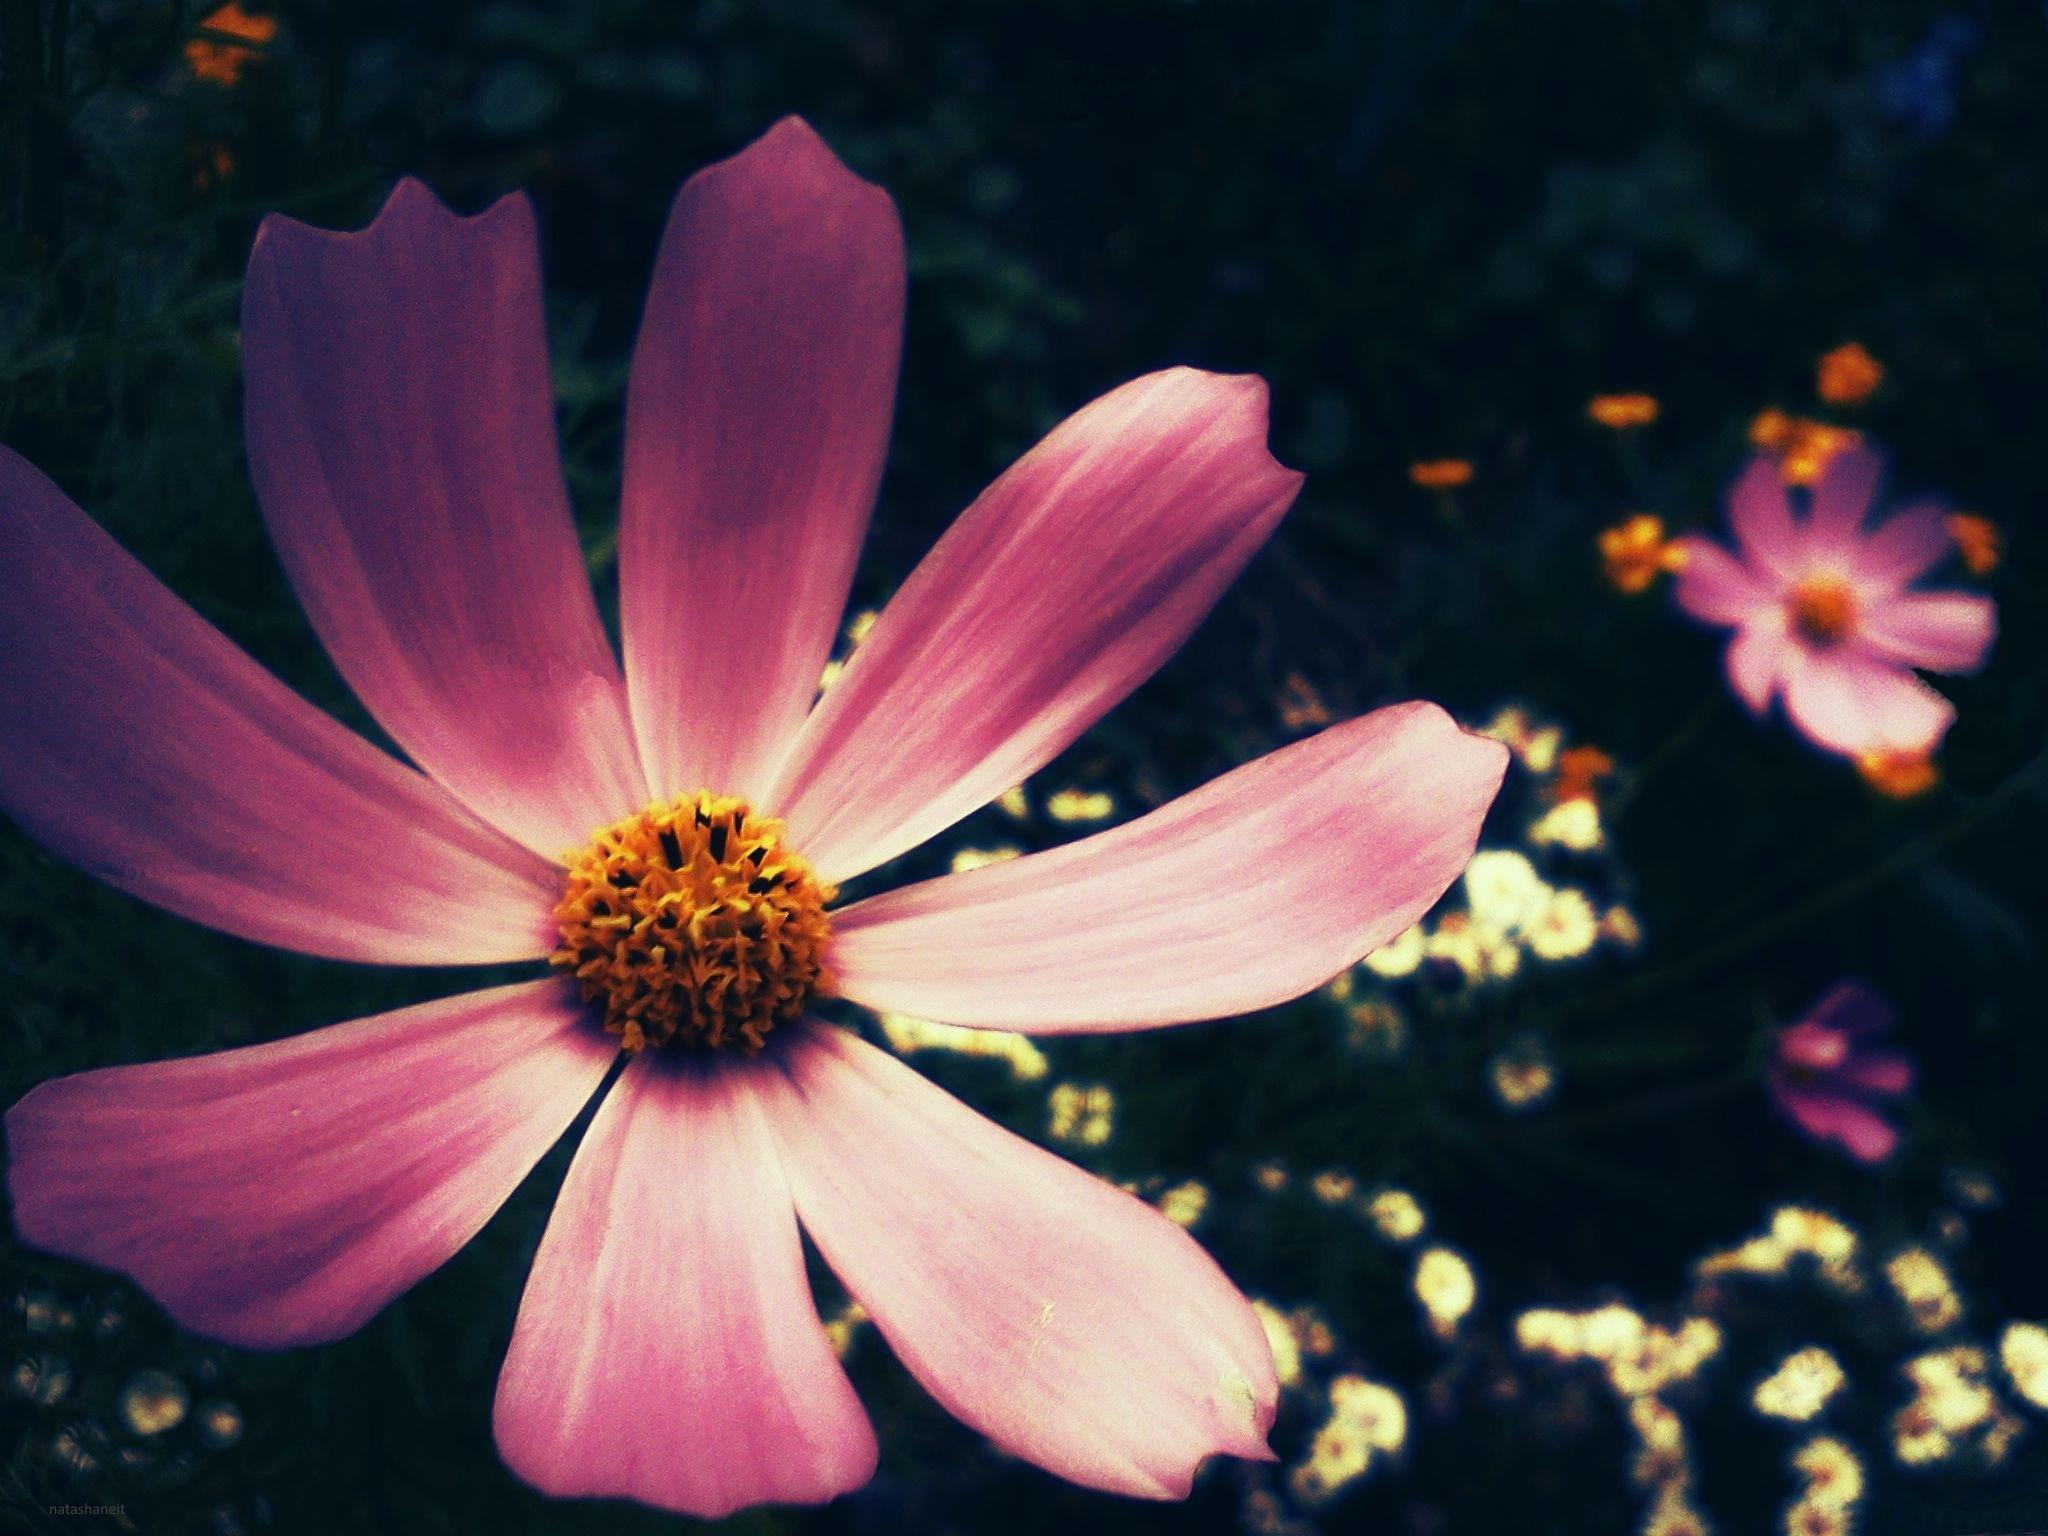 Flowers by natashaneit